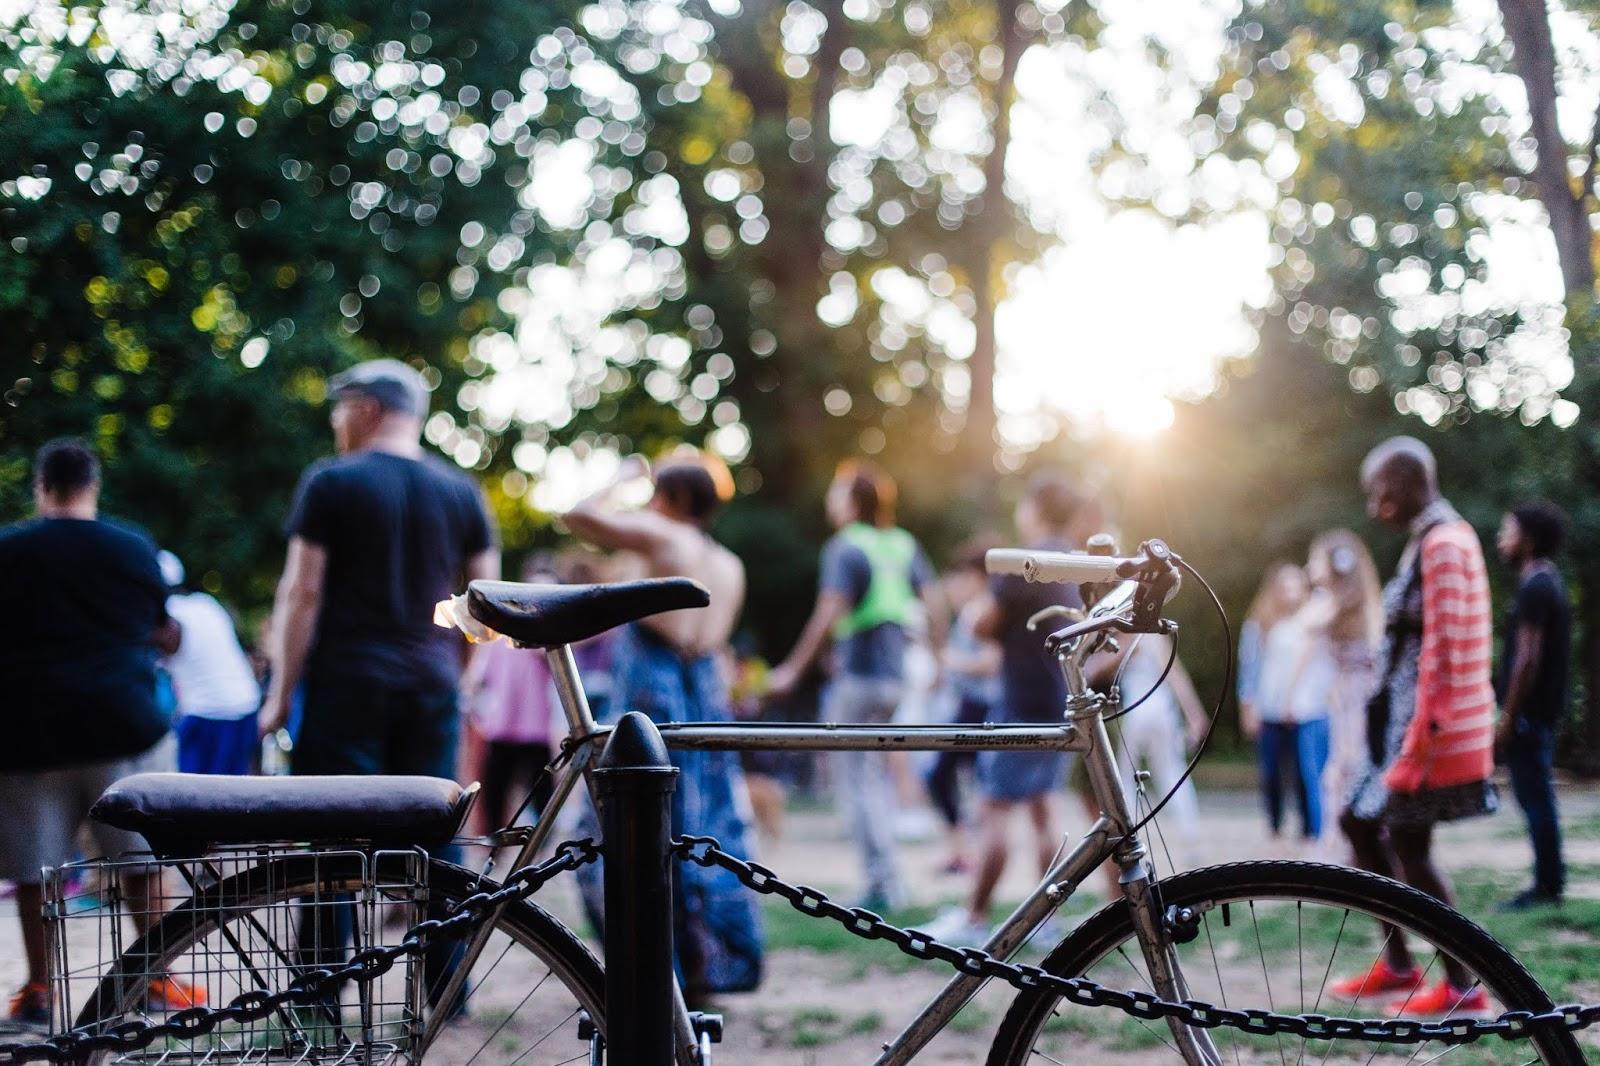 sport-gratuit-en-banlieue-source-unsplash.fr